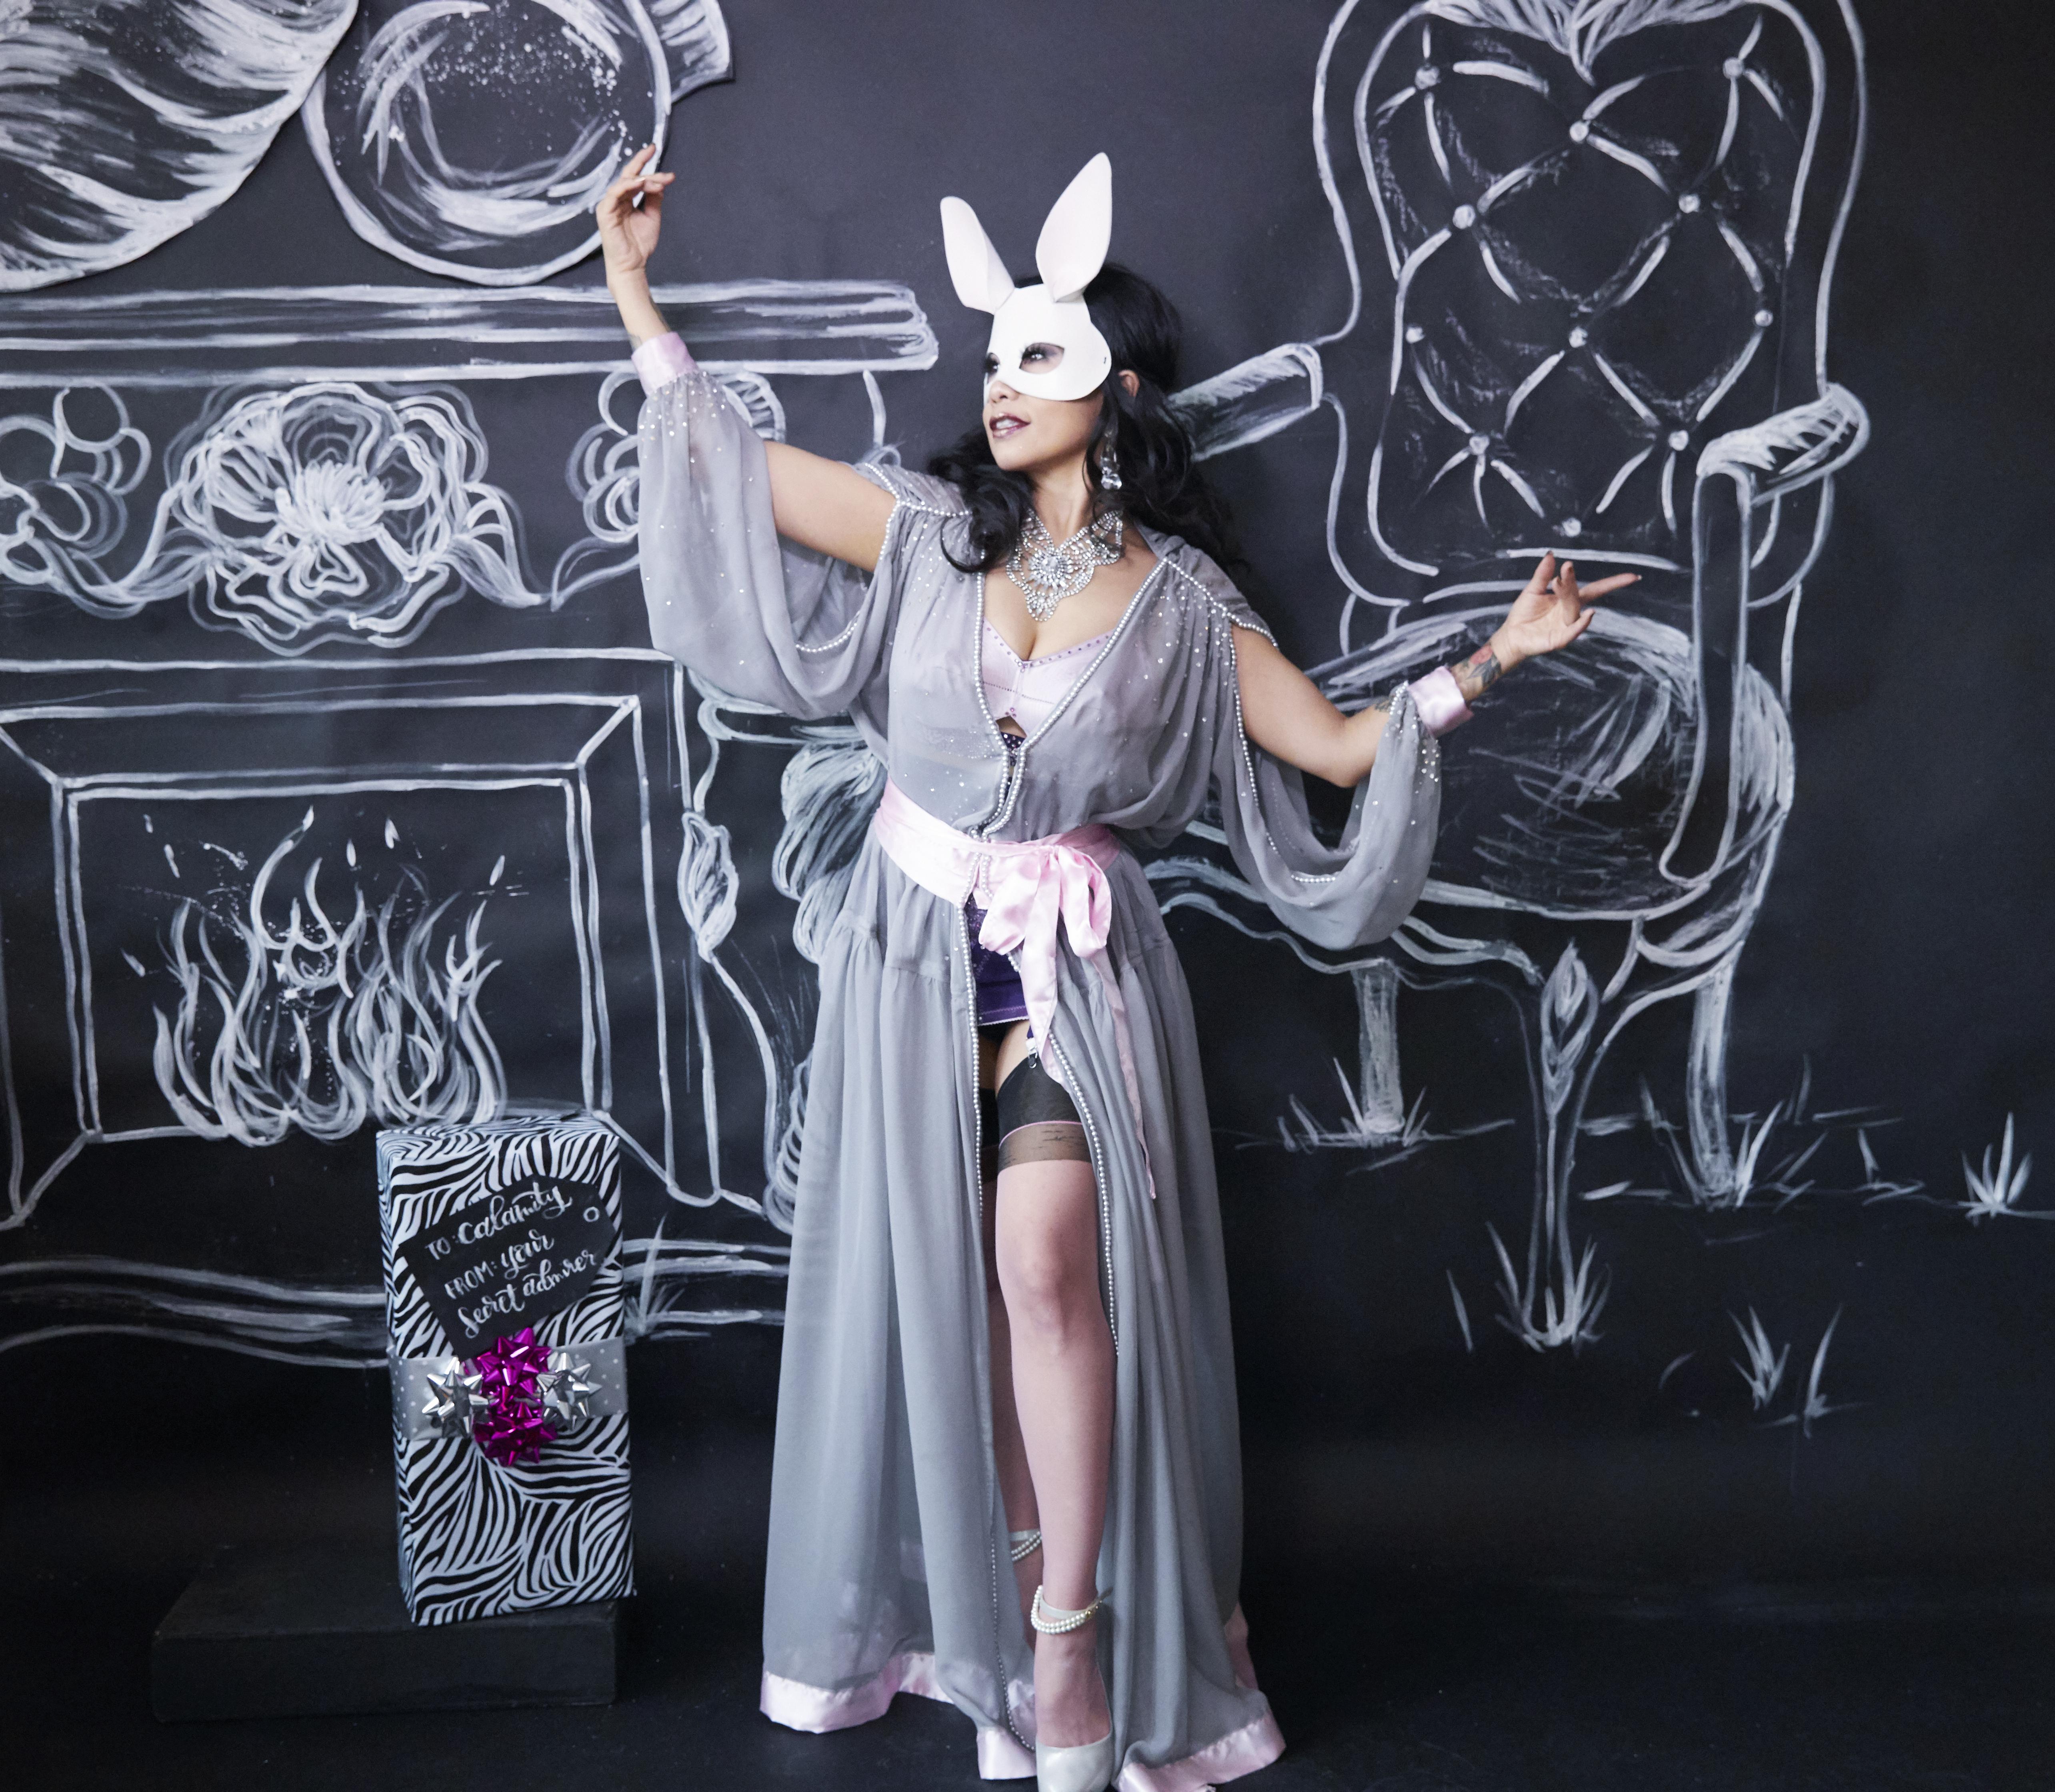 A Bunny Christmas Countdown 2016